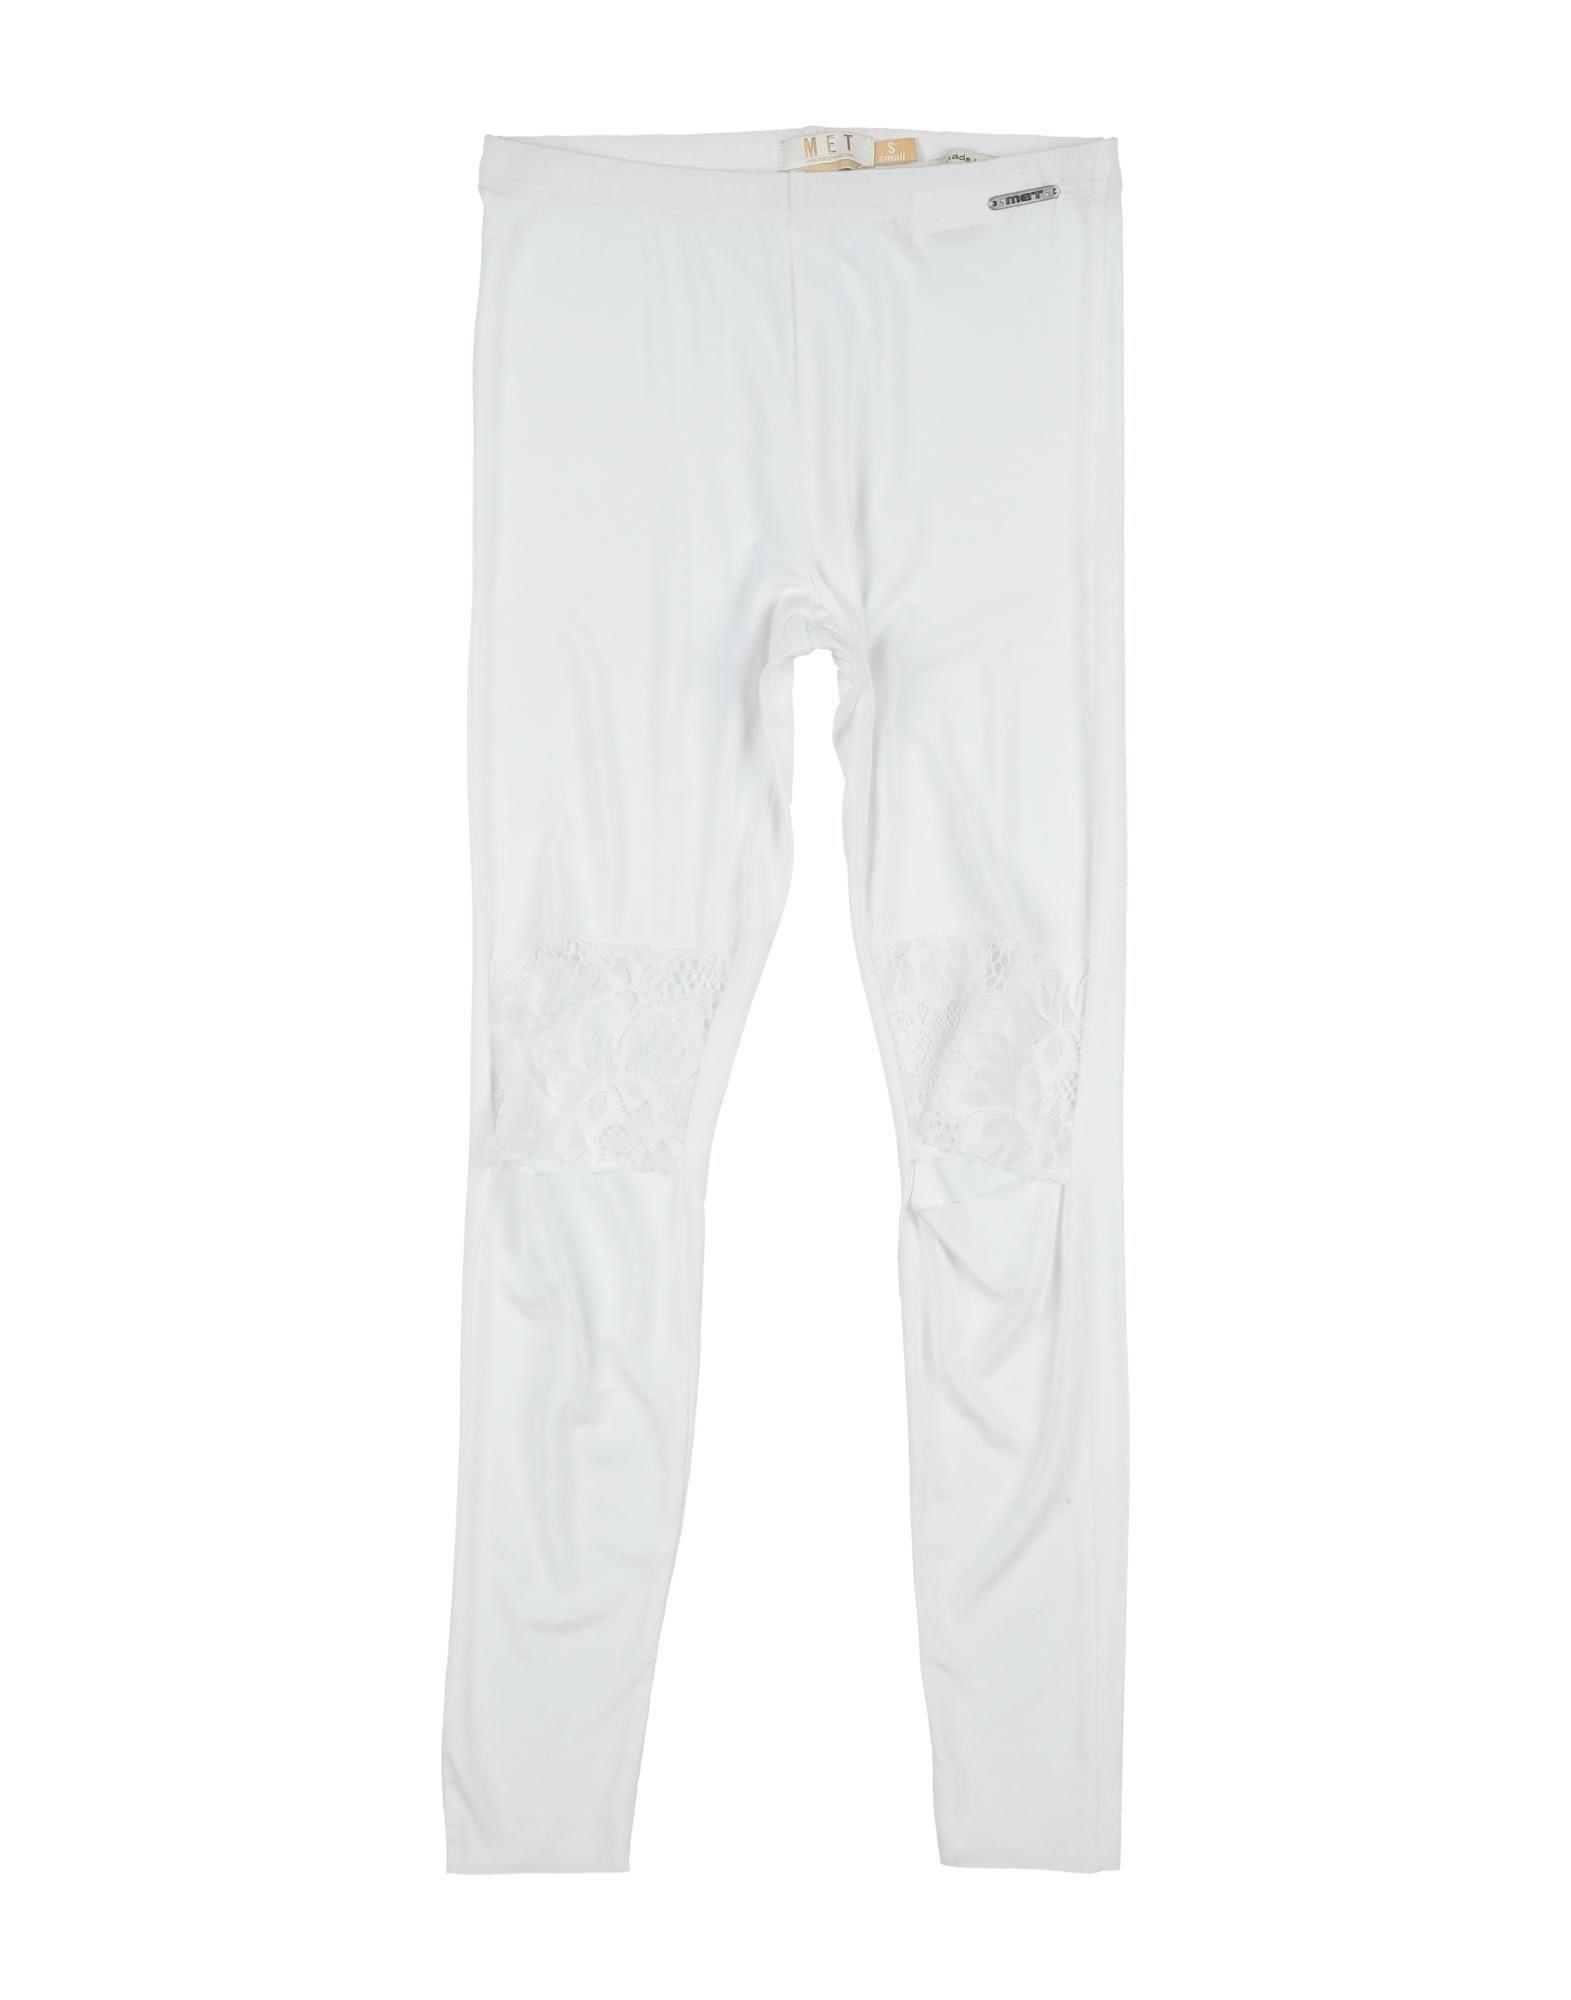 Met Jeans Kids' Leggings In White